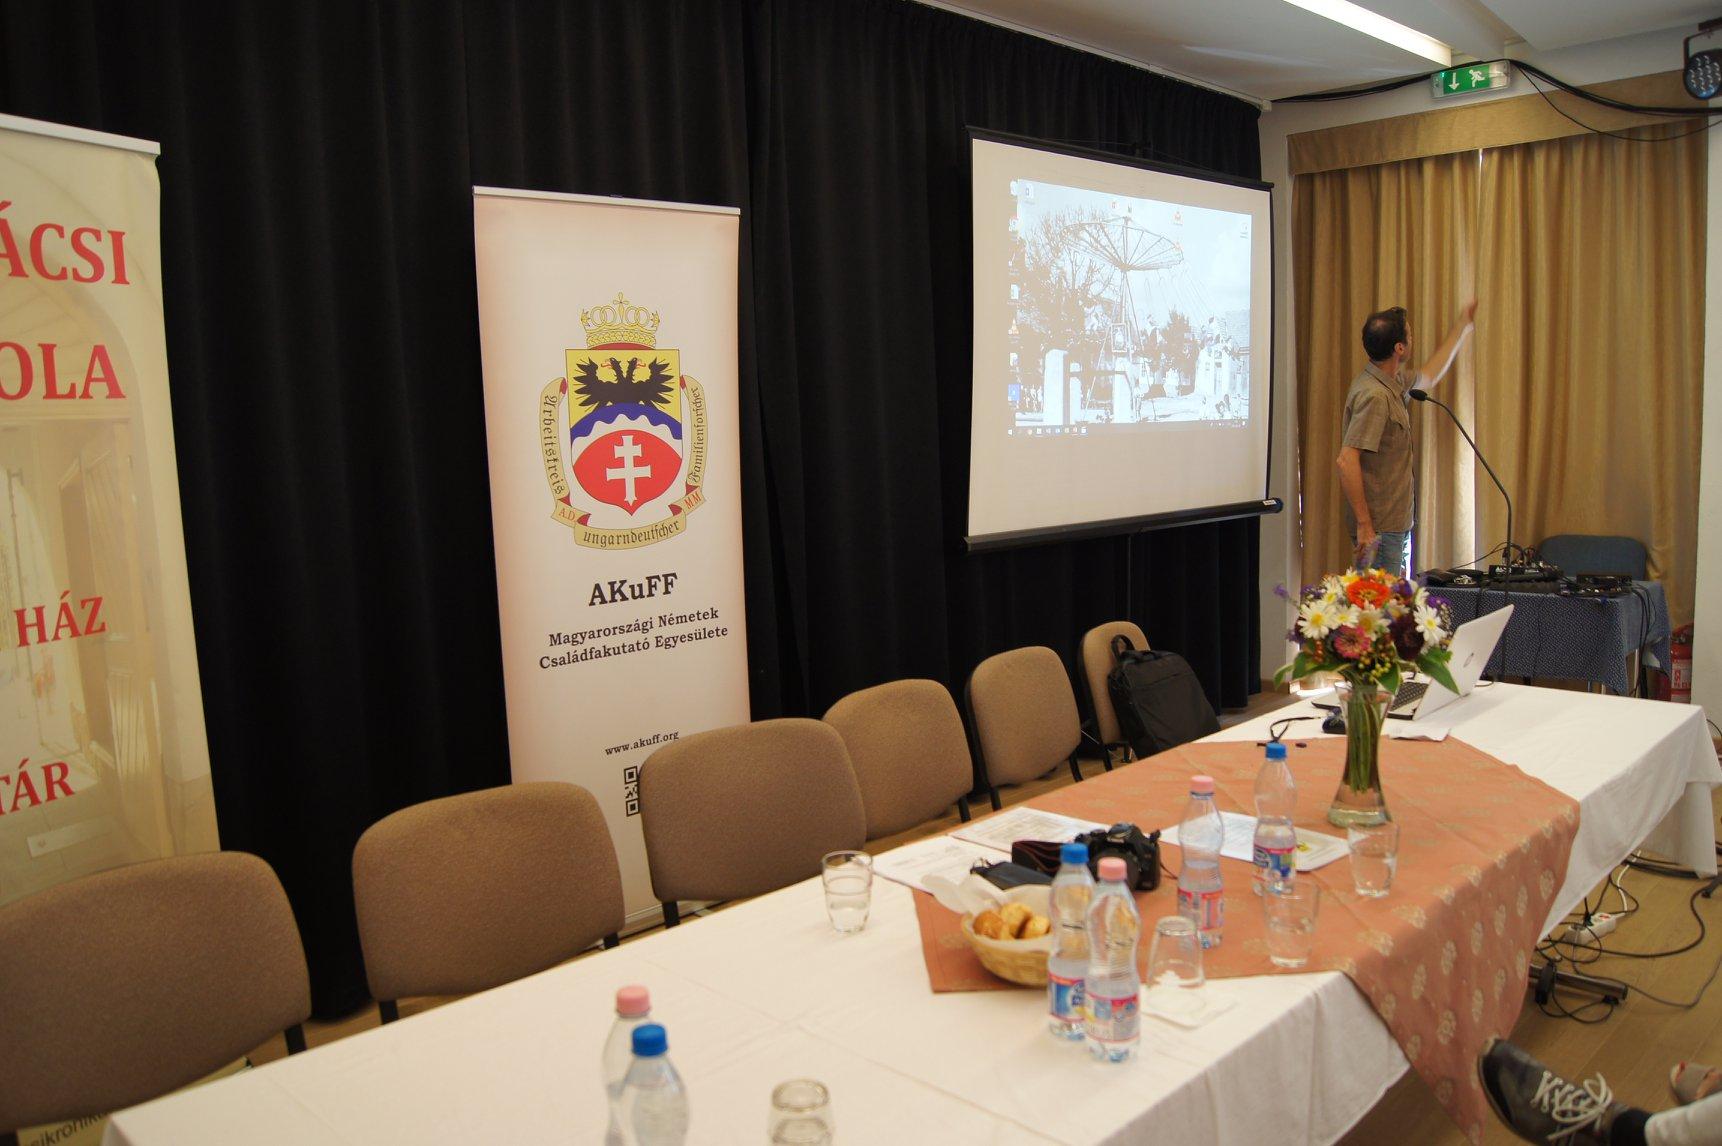 A konferencia várja a vendégeket Huber Éva fotója